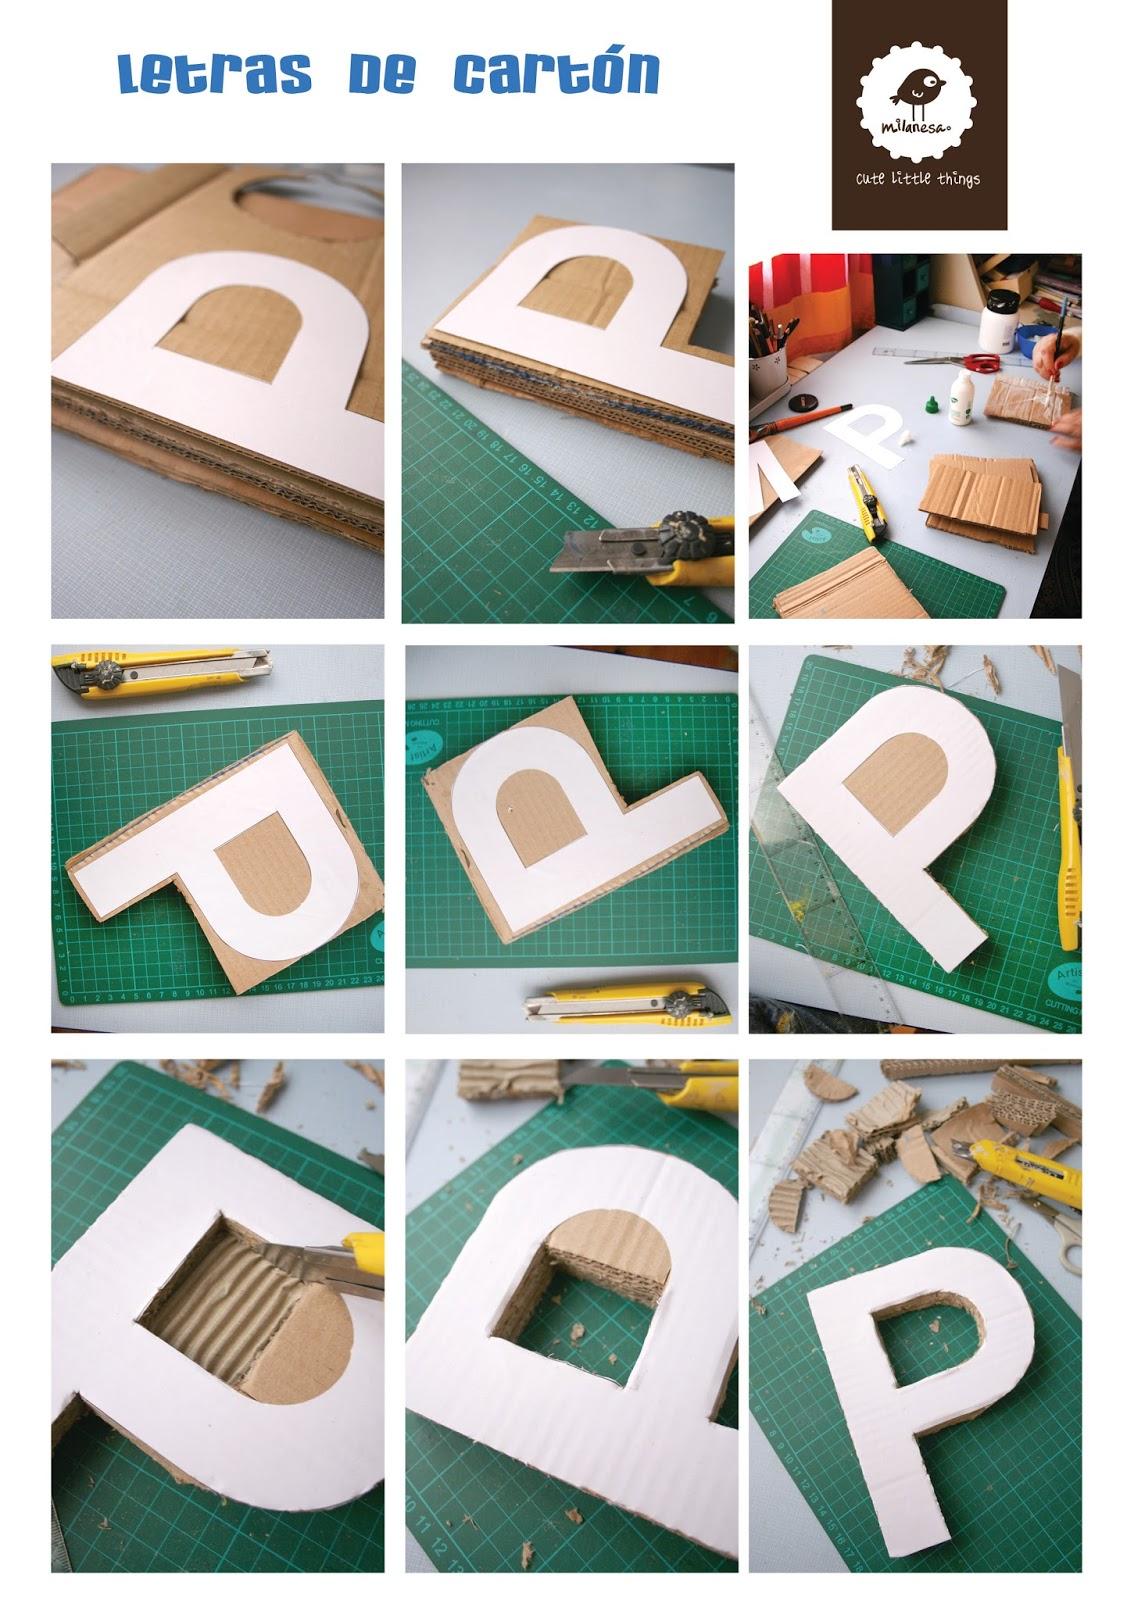 tutorial letras carton por milanesa- II parte